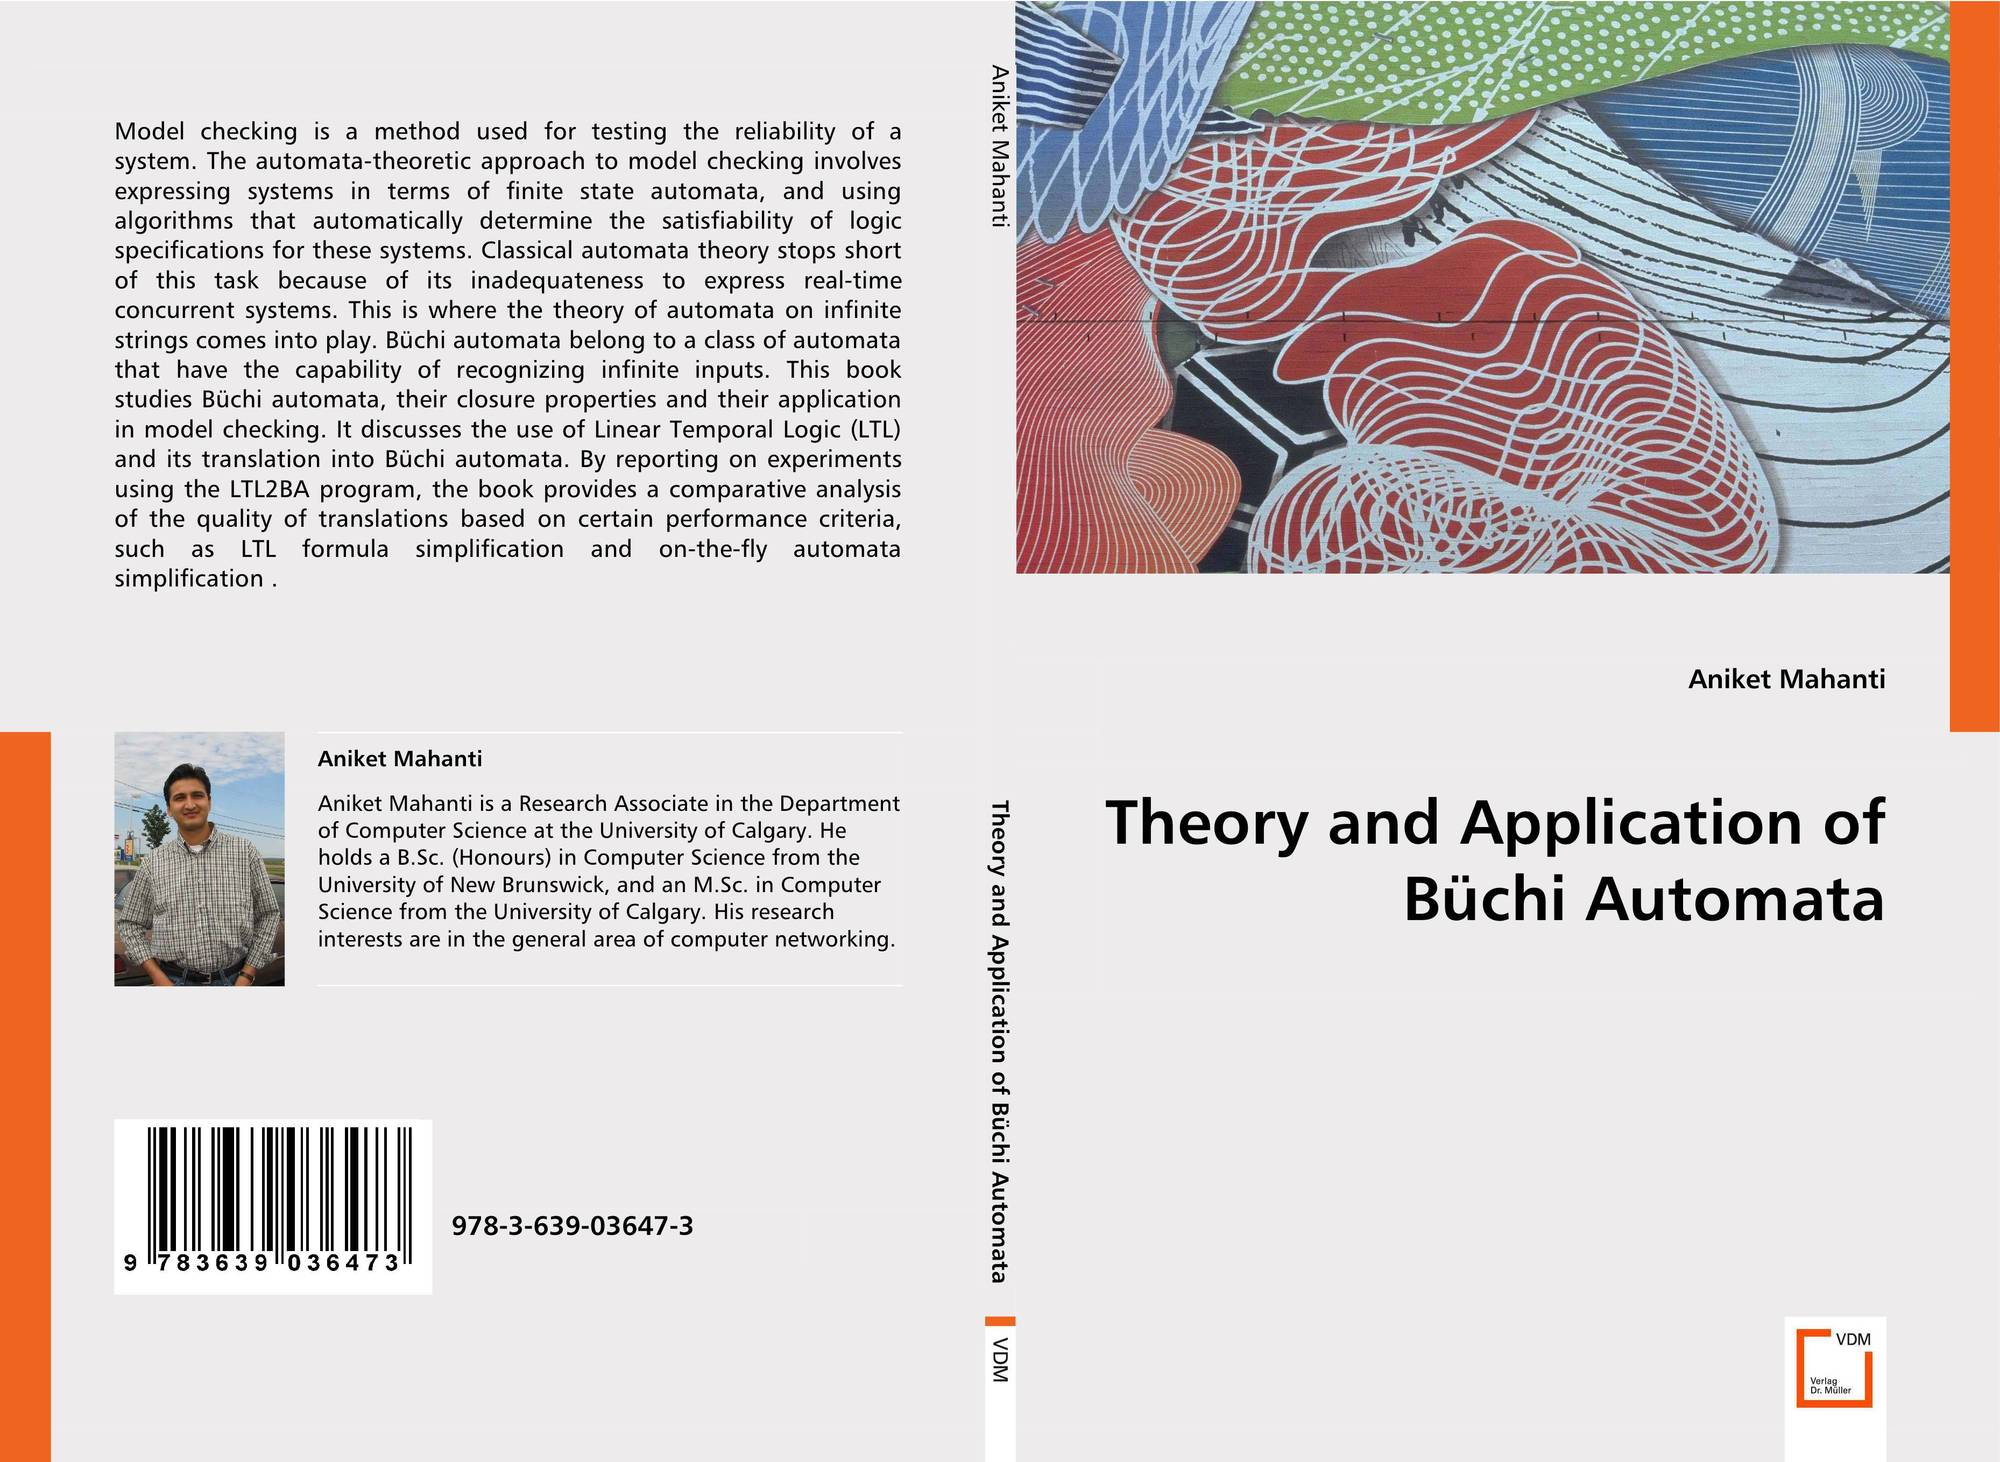 Theory and Application of Büchi Automata, 978-3-639-03647-3